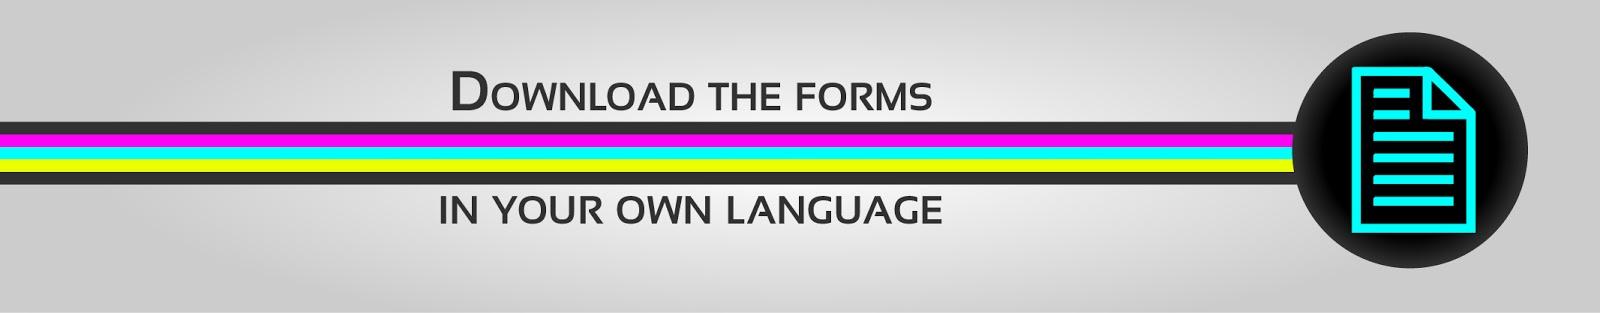 e visa forms: